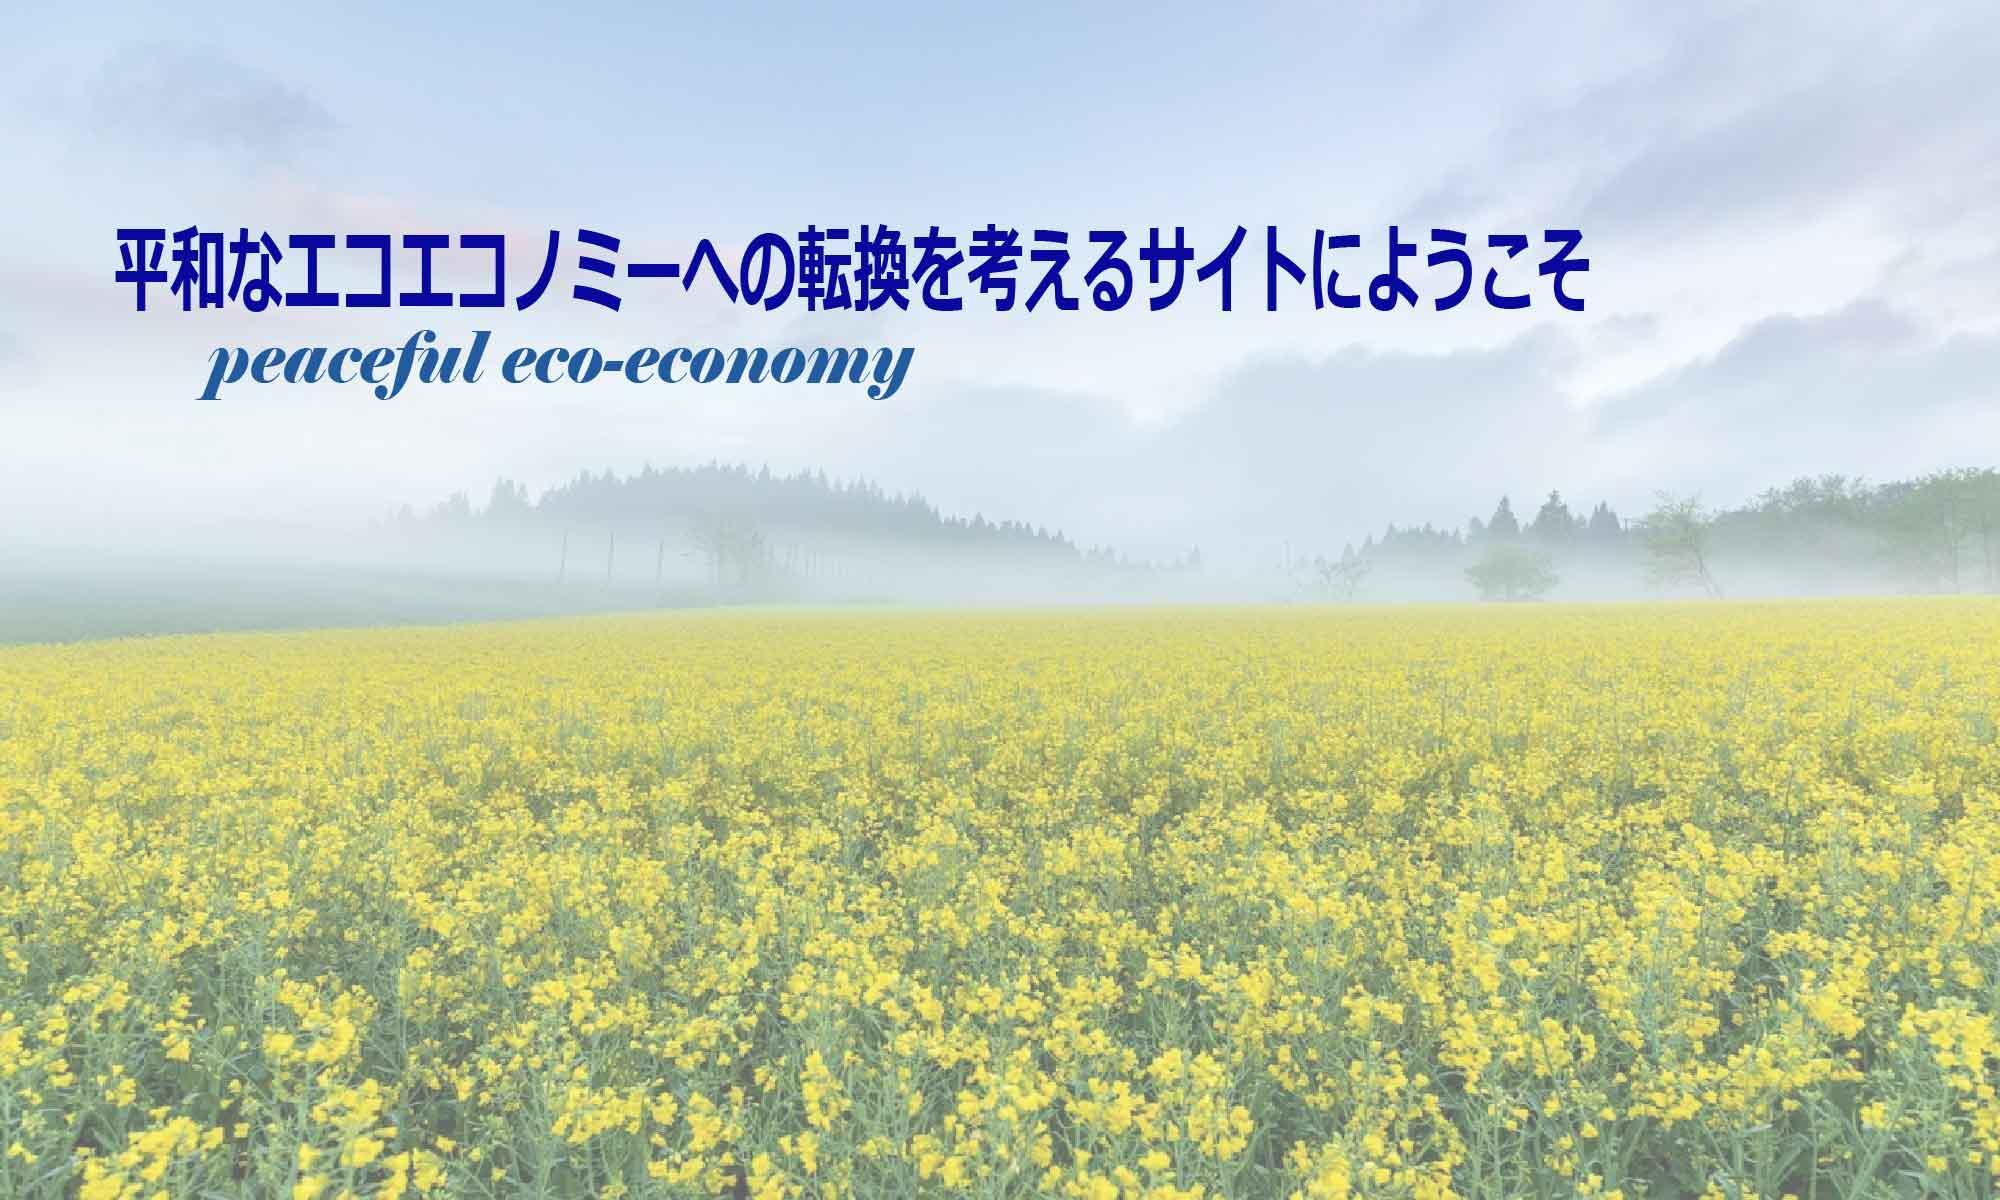 藤岡惇の新ホームページ